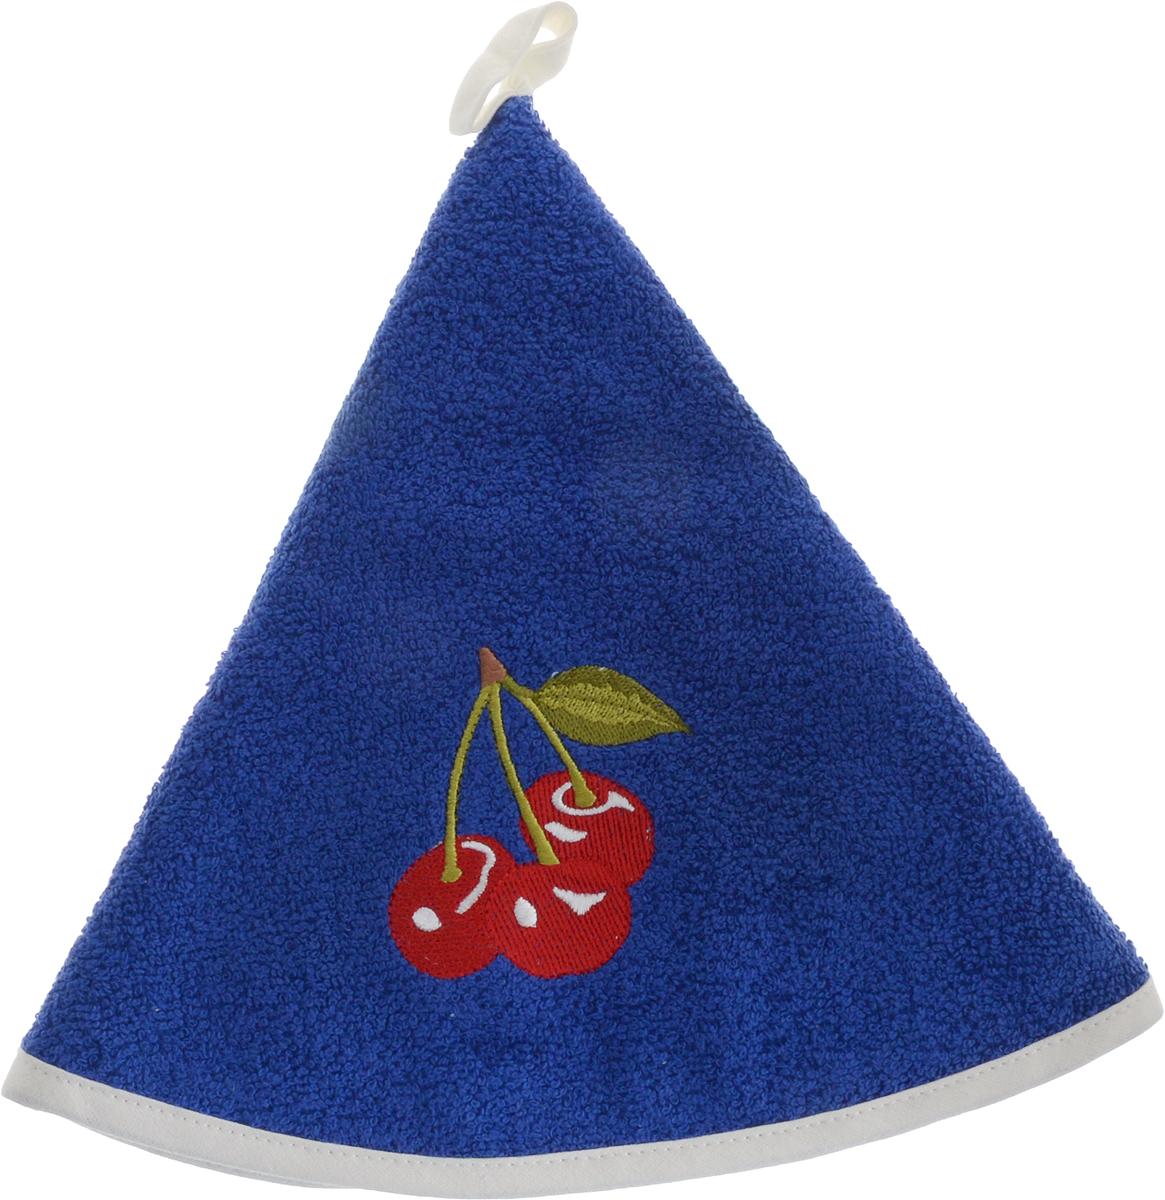 Полотенце кухонное Karna Zelina, цвет: синий, диаметр 50 см504/CHAR004_синийКруглое кухонное полотенце Karna Zelina изготовлено из махровой ткани (100% хлопок), поэтому является экологически чистым. Качество материала гарантирует безопасность не только взрослым, но и самым маленьким членам семьи. Изделие мягкое и приятное на ощупь, оснащено удобной петелькой и украшено оригинальной вышивкой. Полотенце хорошо впитывает влагу, легко стирается в стиральной машине и обладает высокой износоустойчивостью. Кухонное полотенце Karna Zelina сделает интерьер вашей кухни стильным и гармоничным.Диаметр полотенца: 50 см.